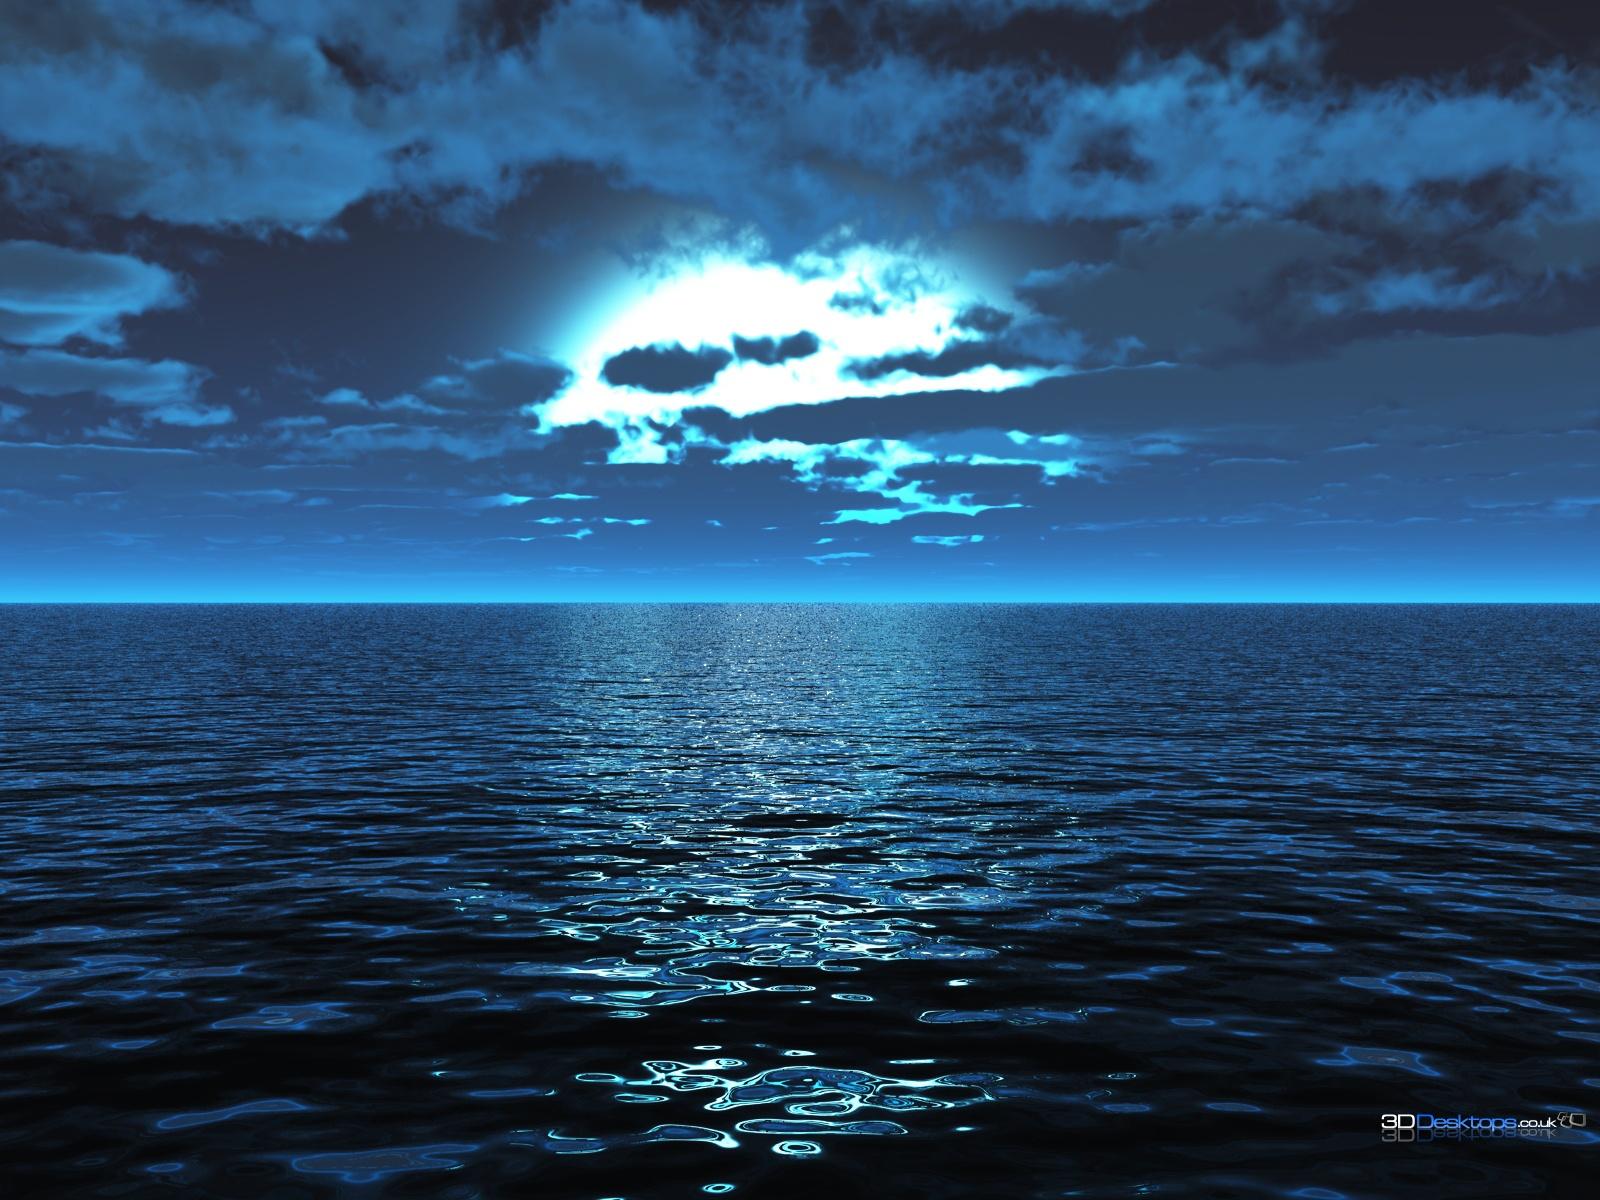 3d wallpaper ocean 1600x1200jpg 1600x1200